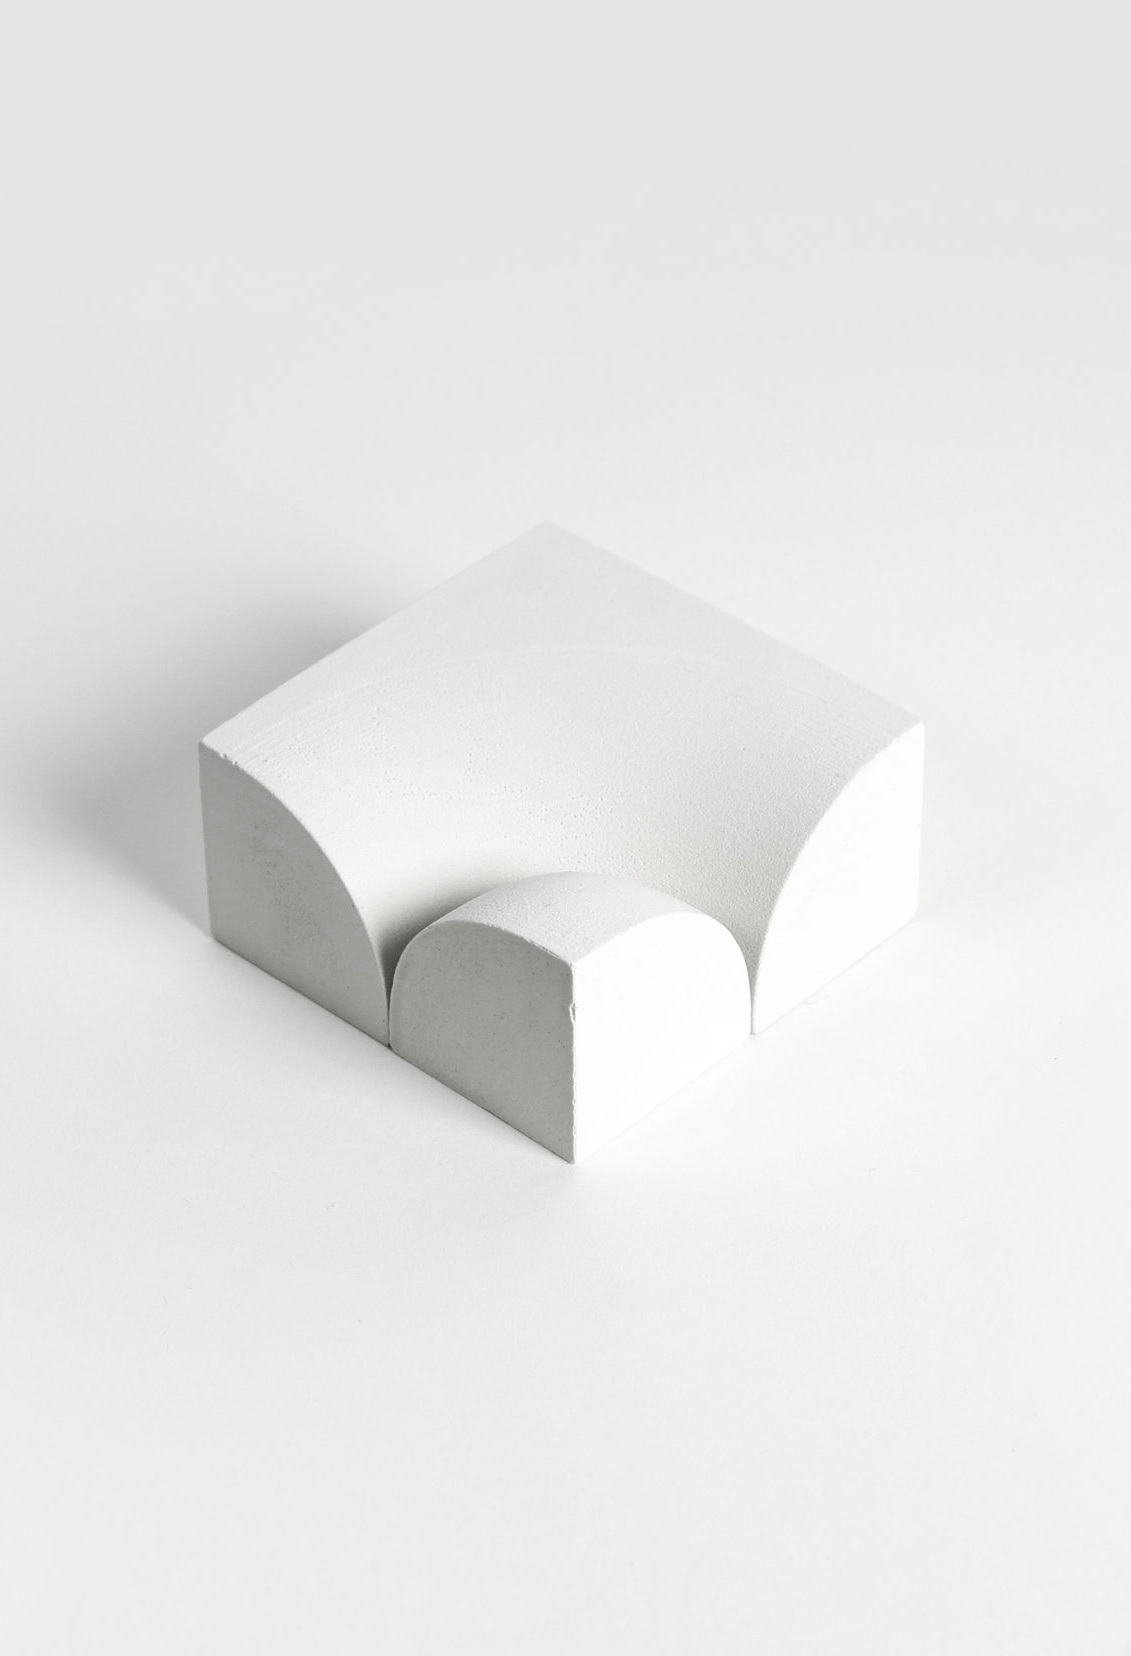 shape8.jpg